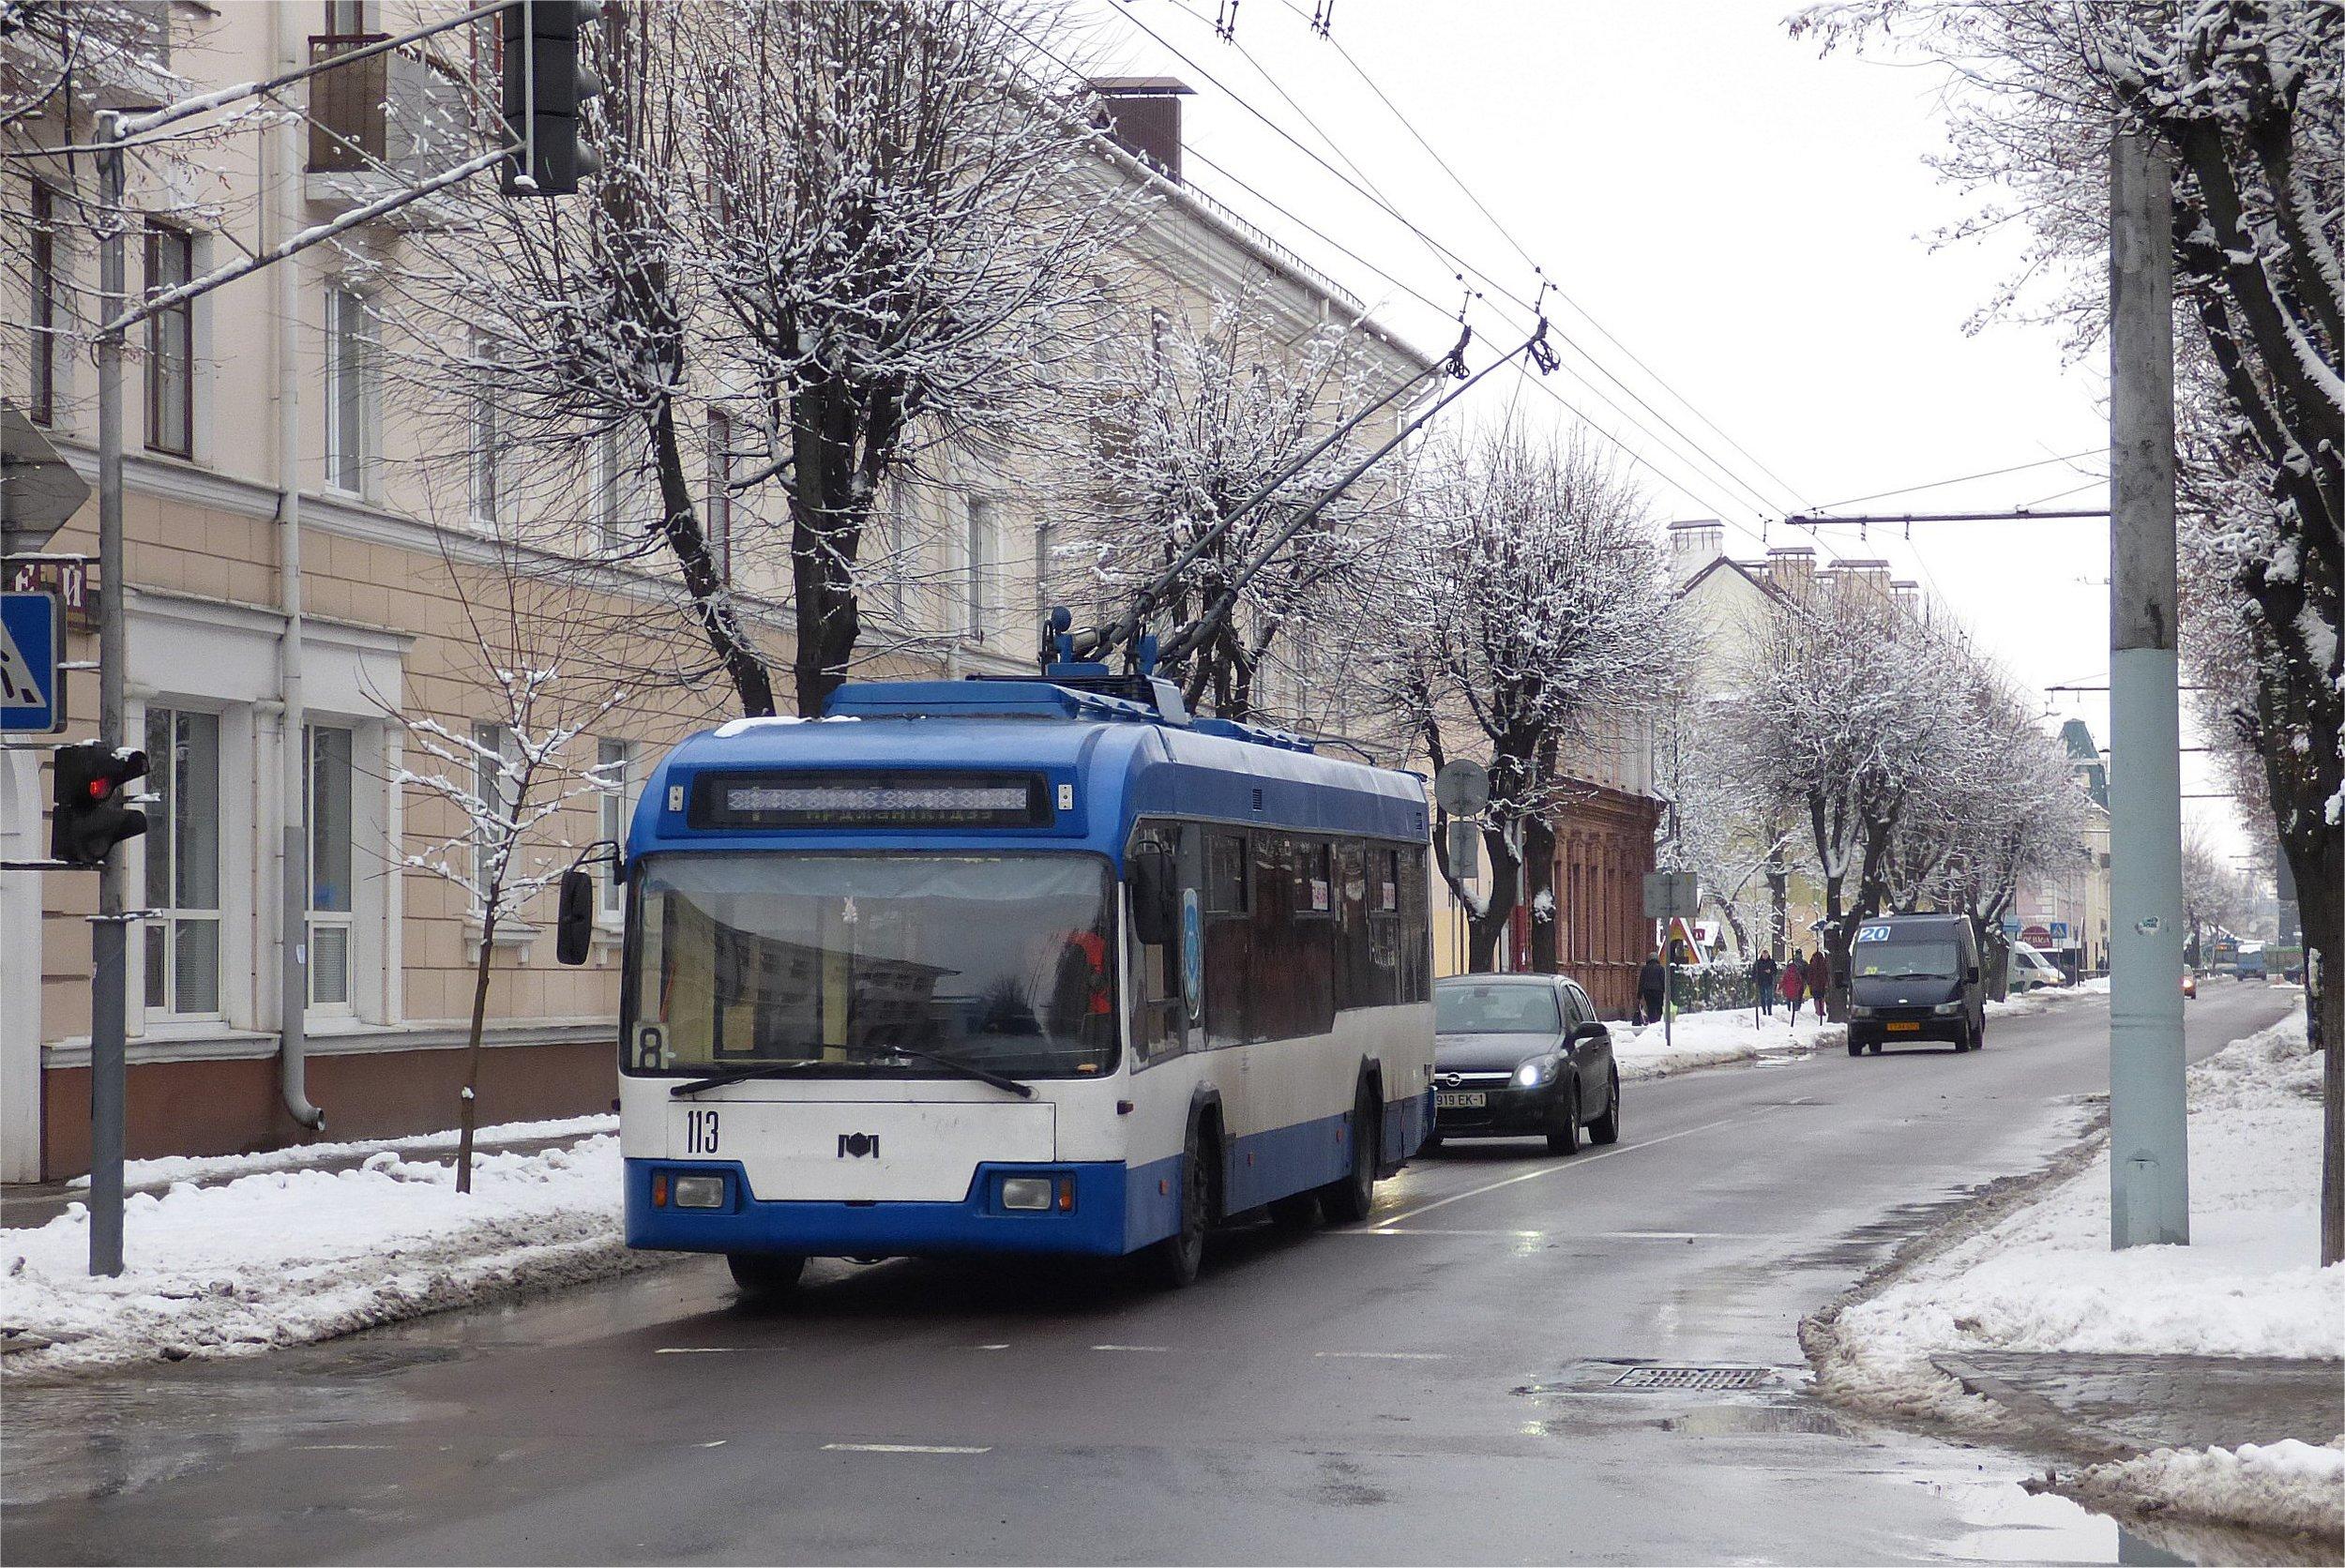 Zimní snímky z Grodna. (foto: 2x Sebastian Naumann)